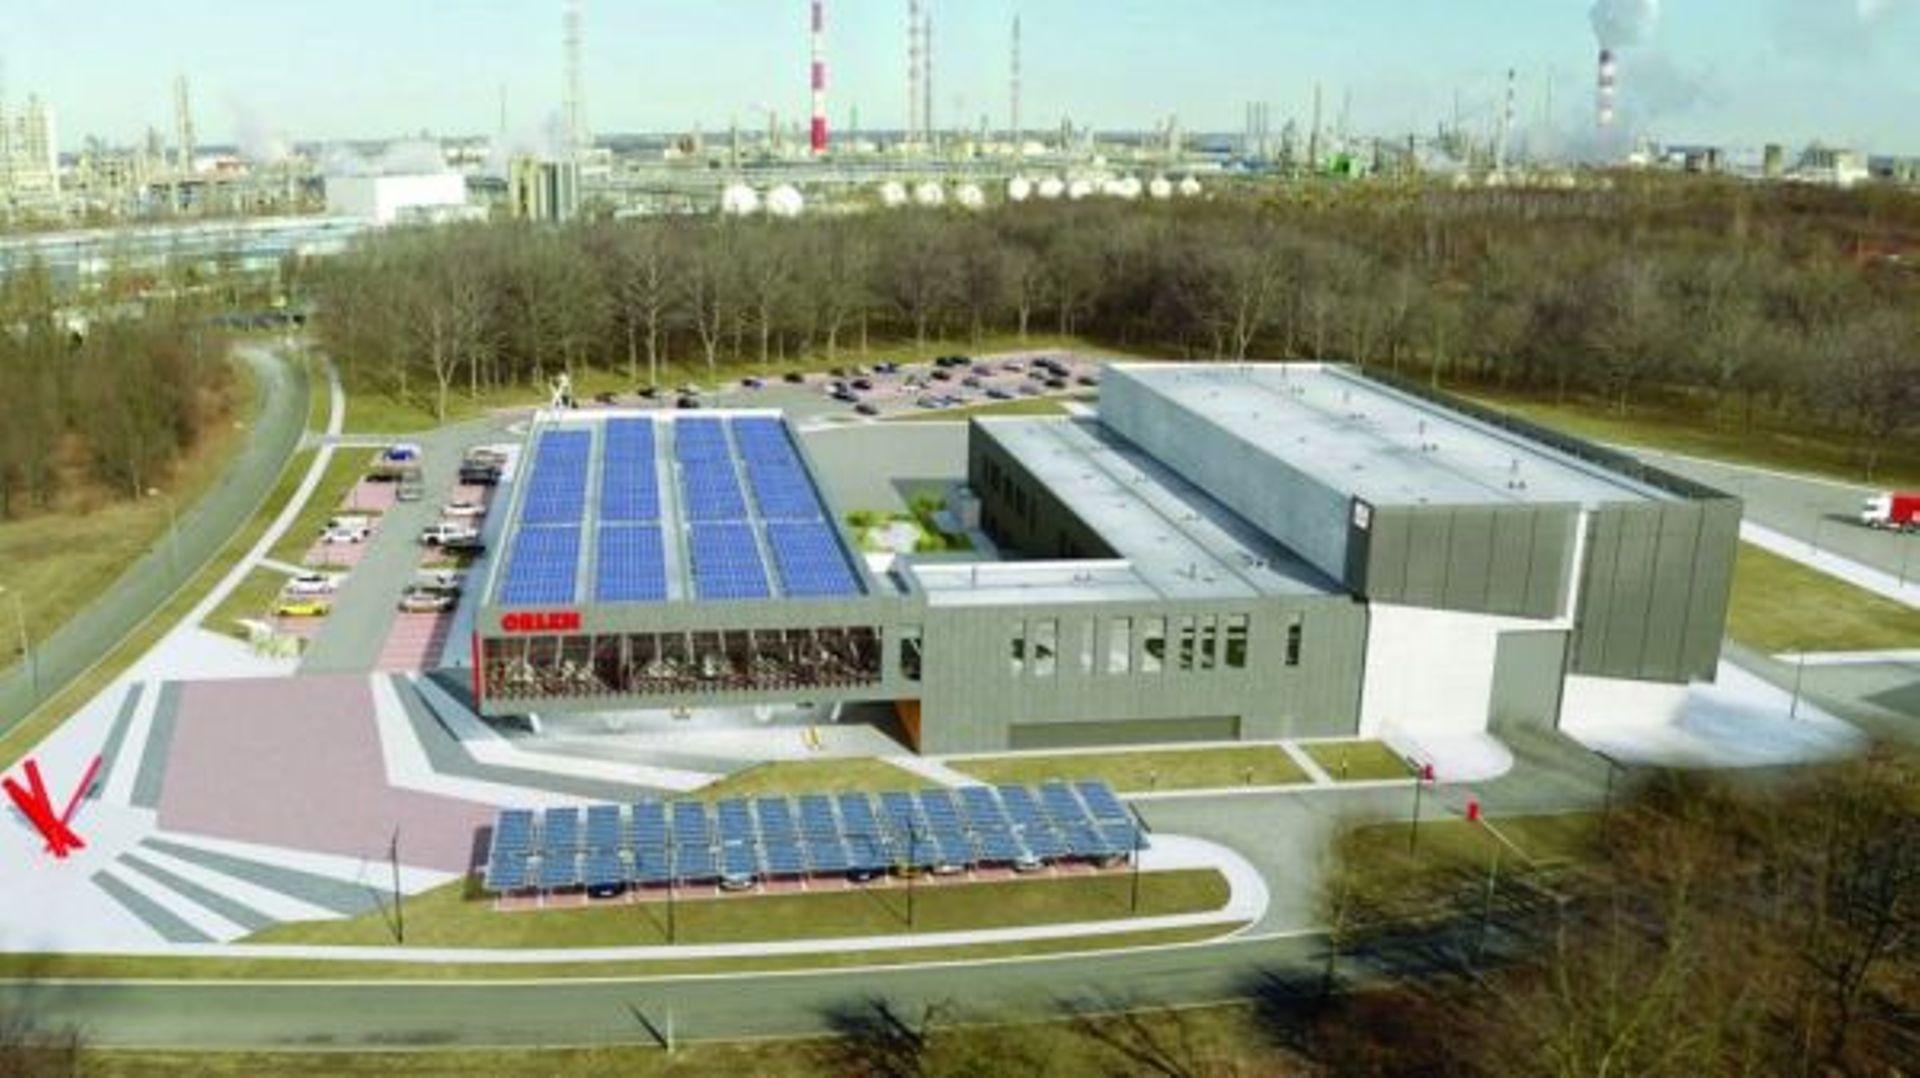 [mazowieckie] Budimex wybuduje dla PKN Orlen Centrum Badawczo-Rozwojowe w Płocku